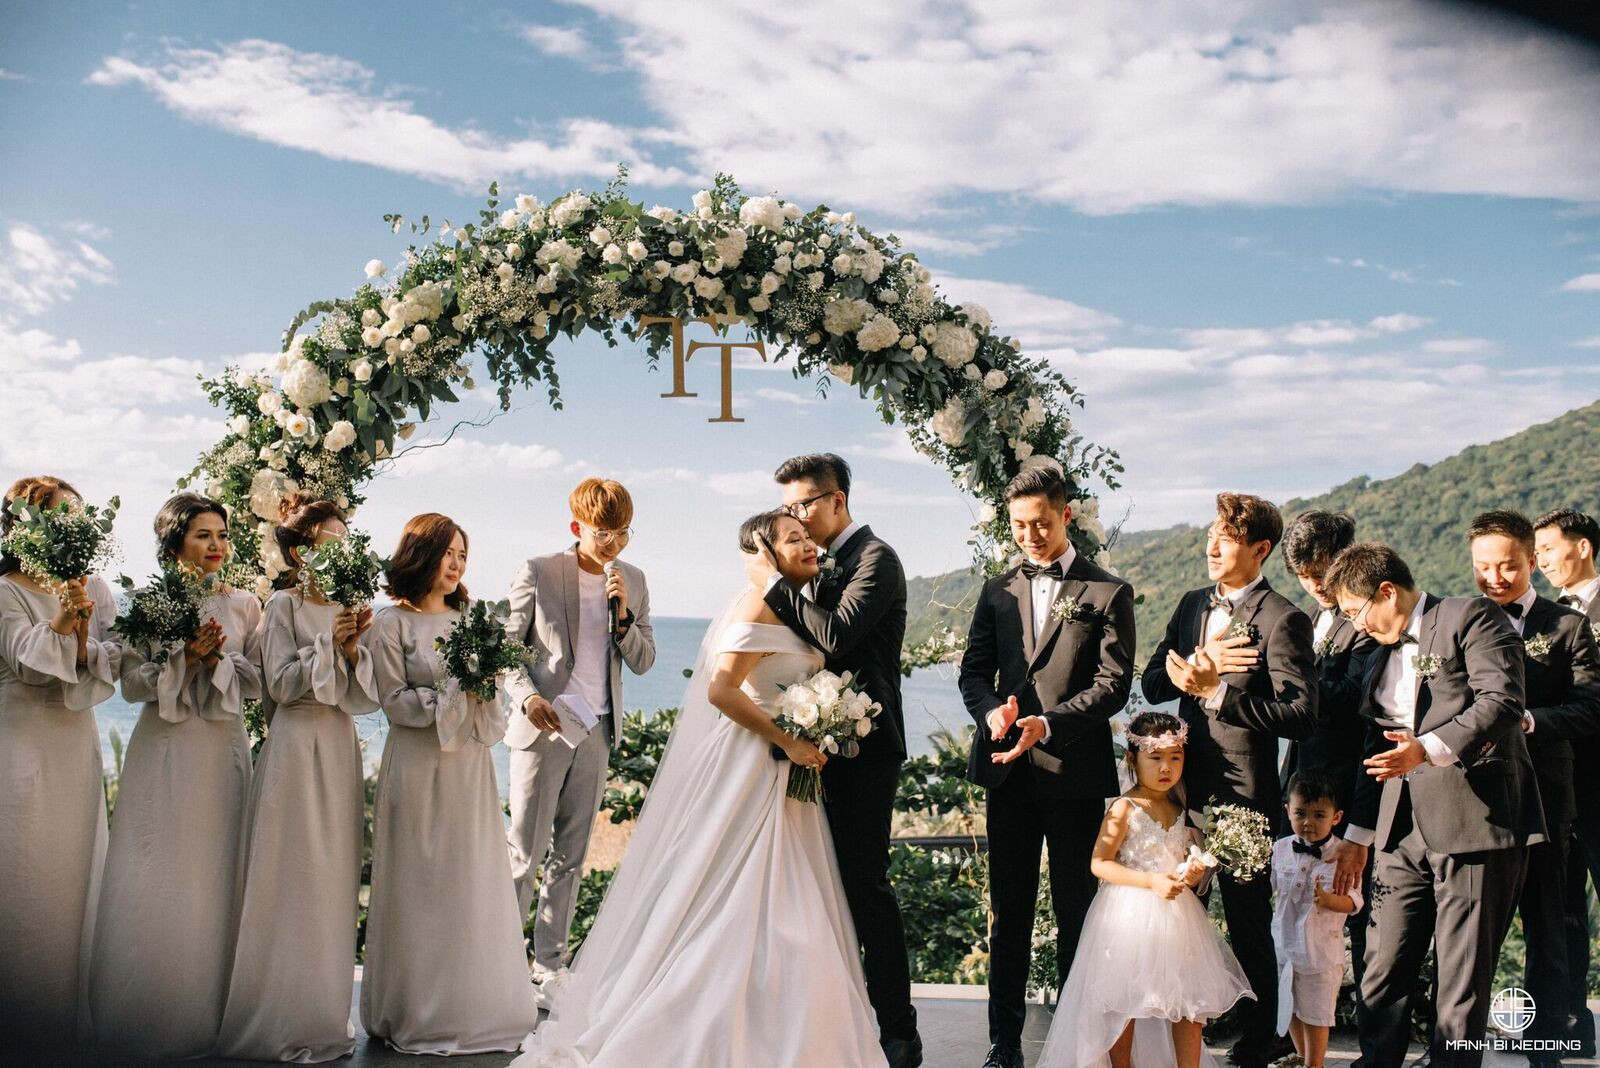 Nhạc nền đám cưới hay nhất